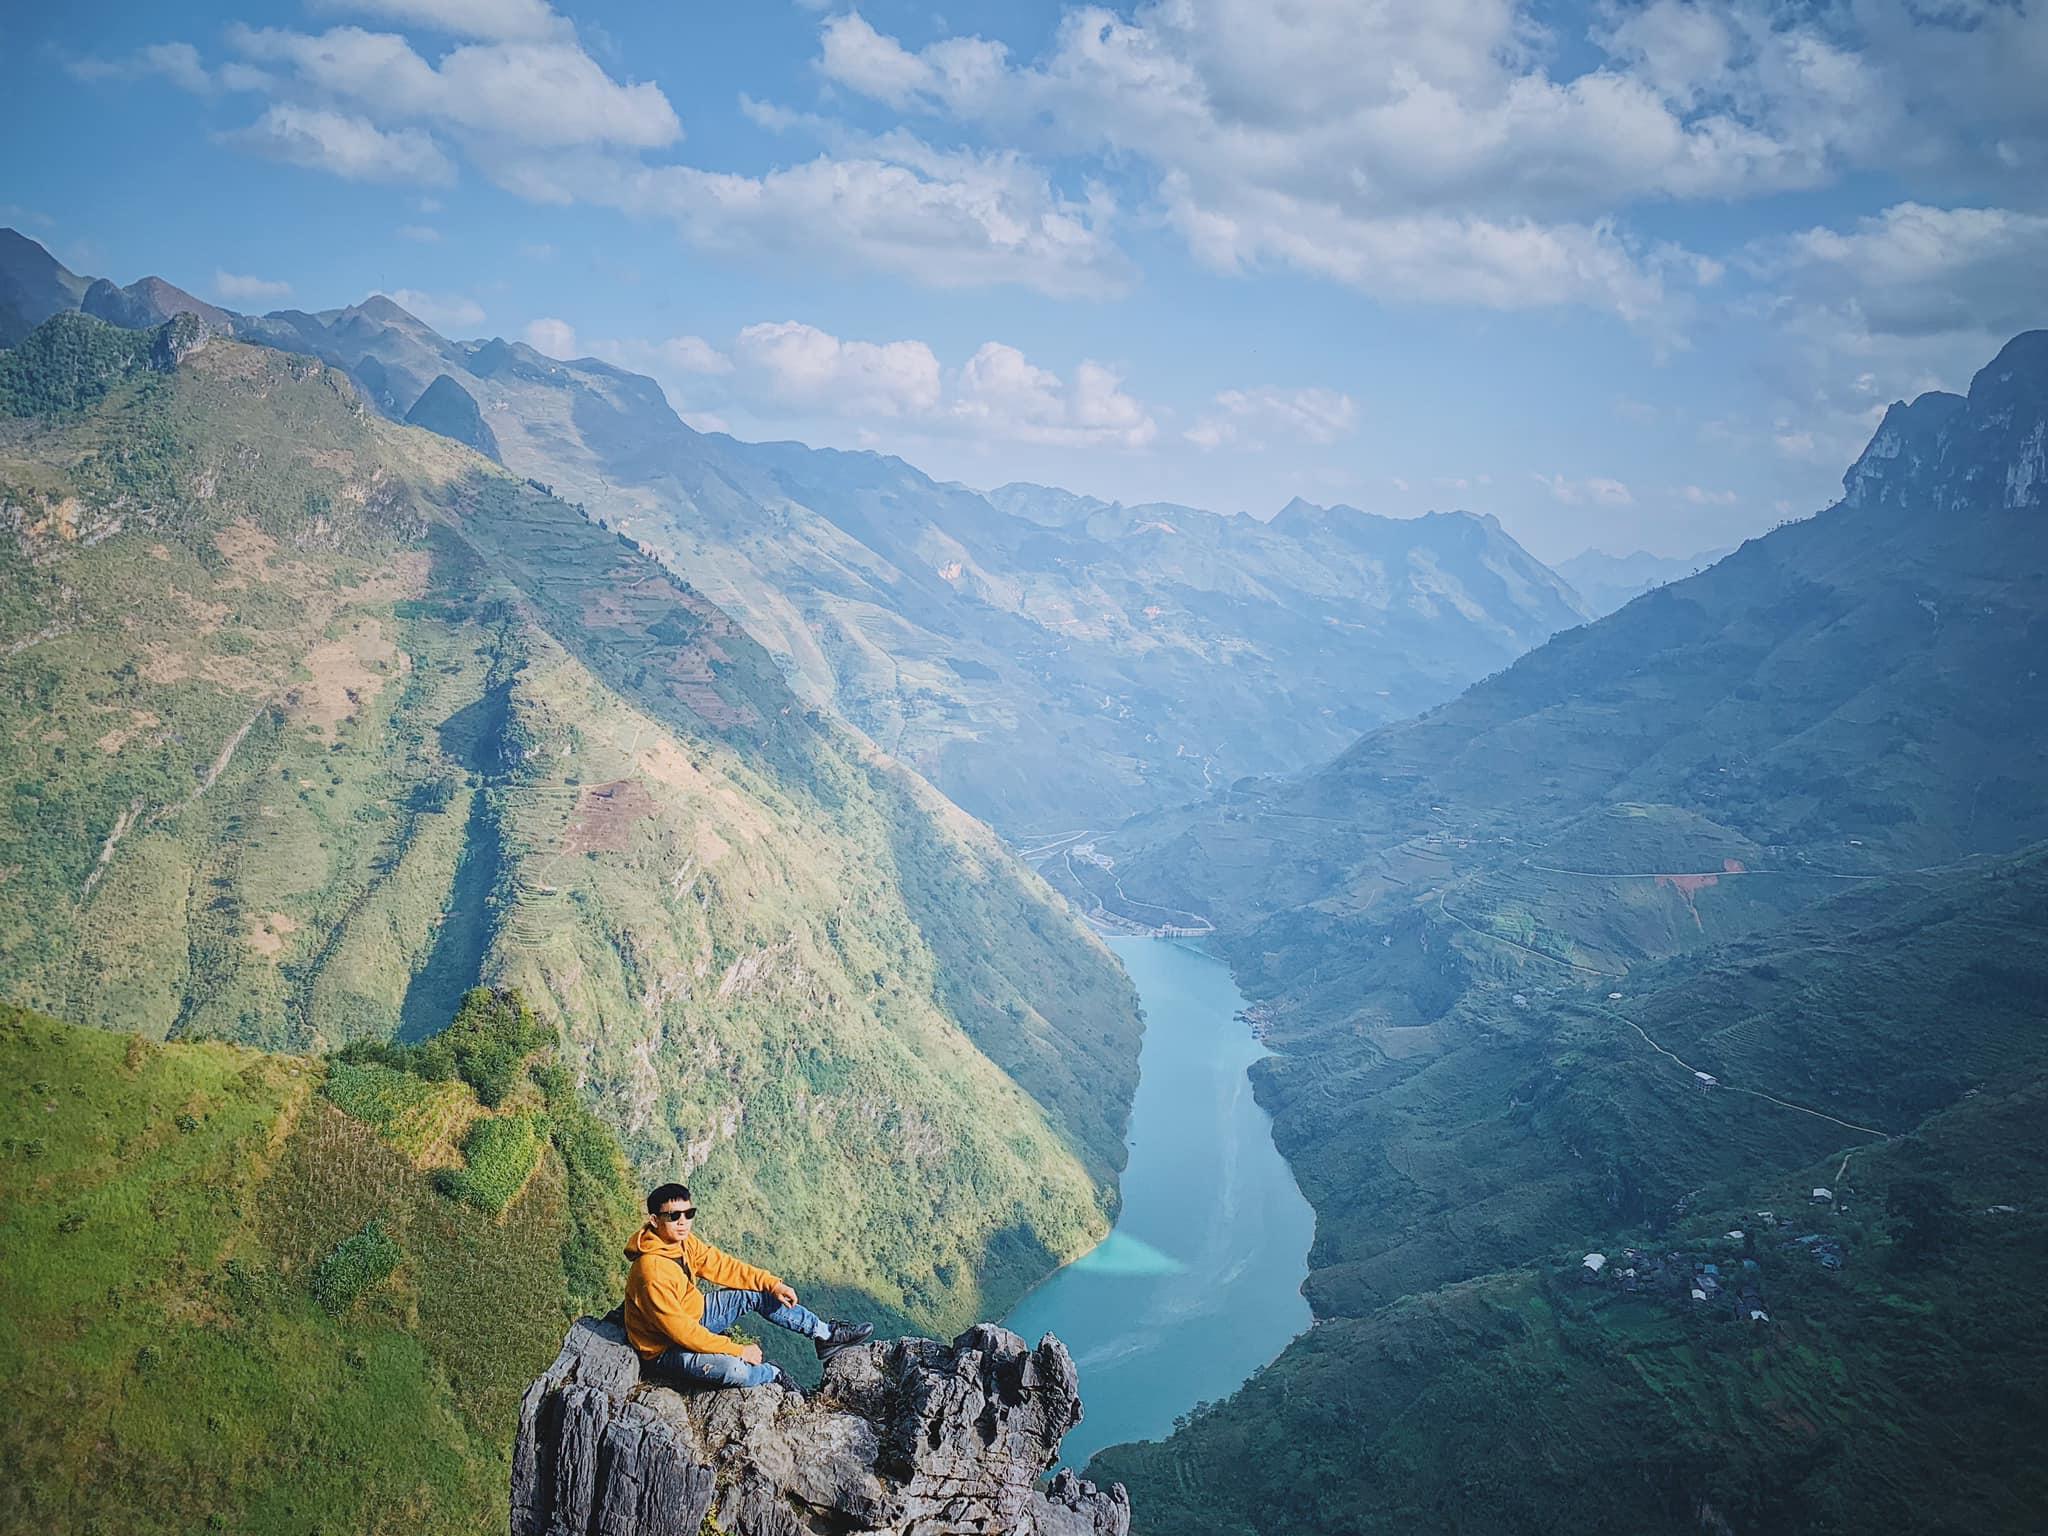 Trải nghiệm du lịch Hà Giang - Thiên nhiên hùng vĩ